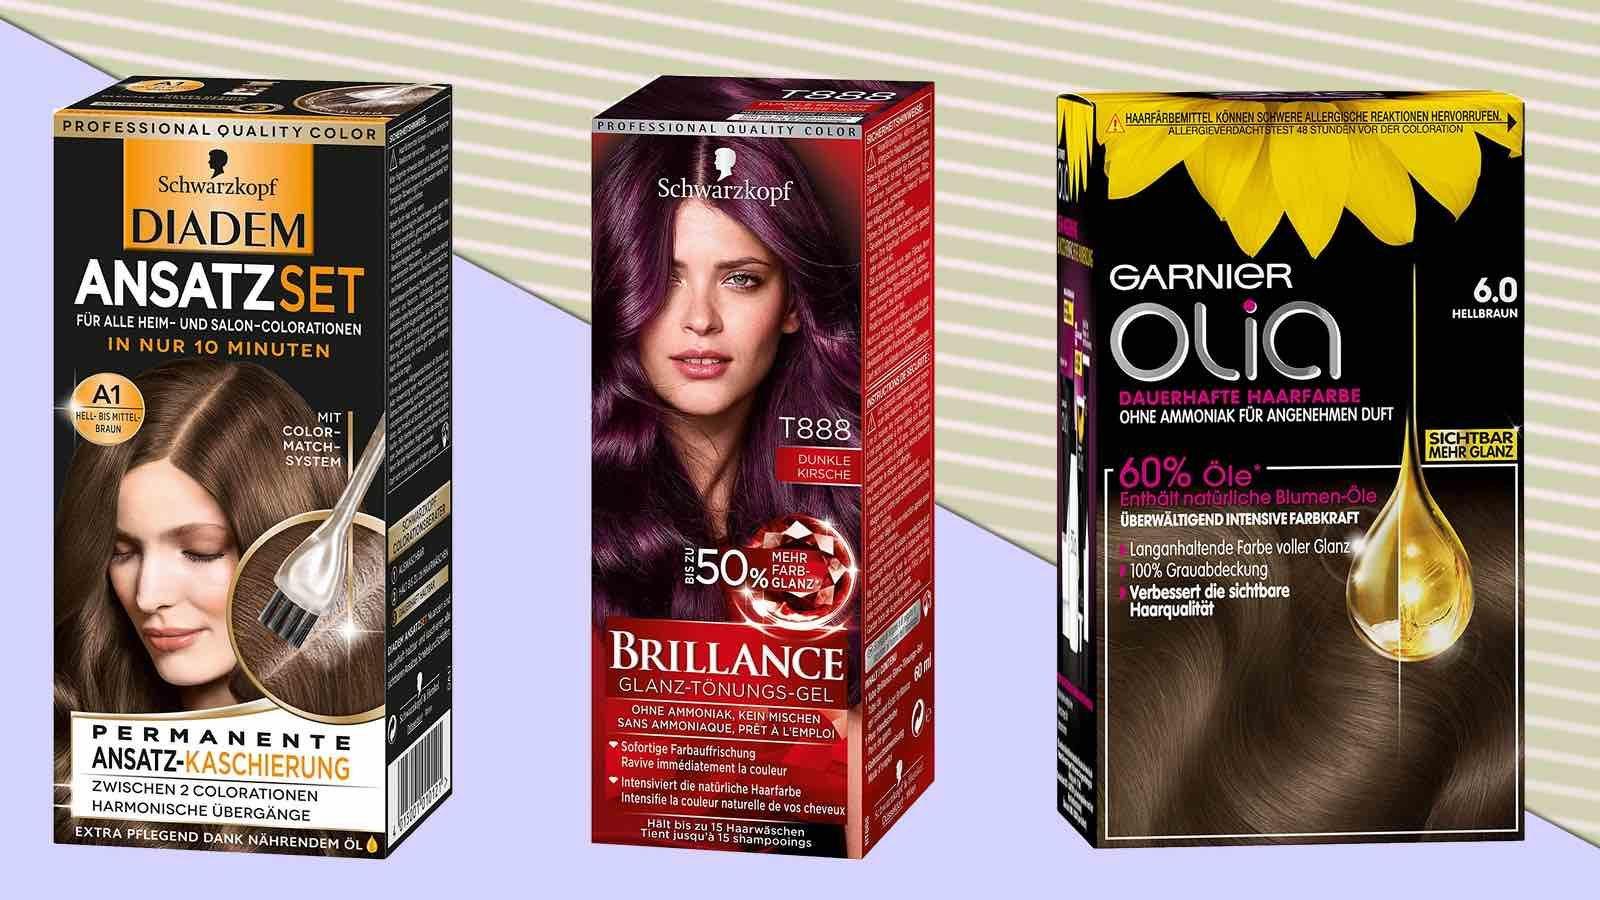 Haarfarbemittel Vergleich 2020 10 Beste Haarfarben Im Ranking